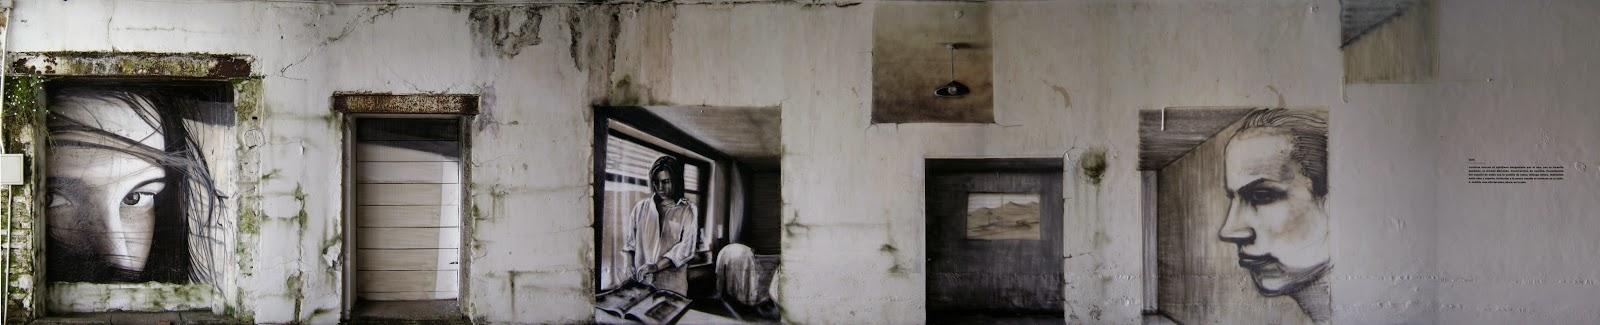 izak one MACvaldivia streetart graffiti artist art chile museum museo otropais